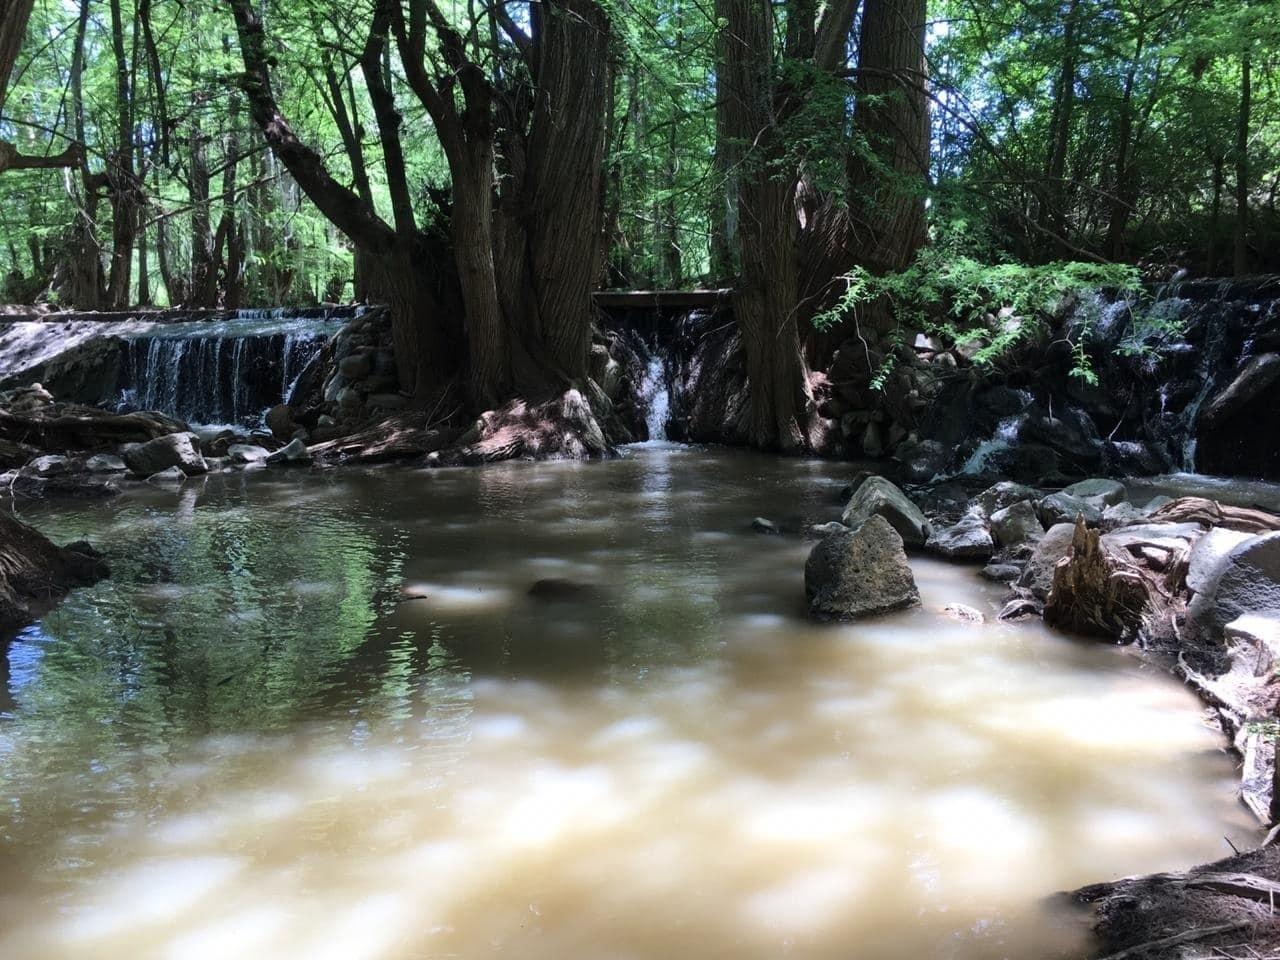 Río Nombre de Dios, sin aguas negras